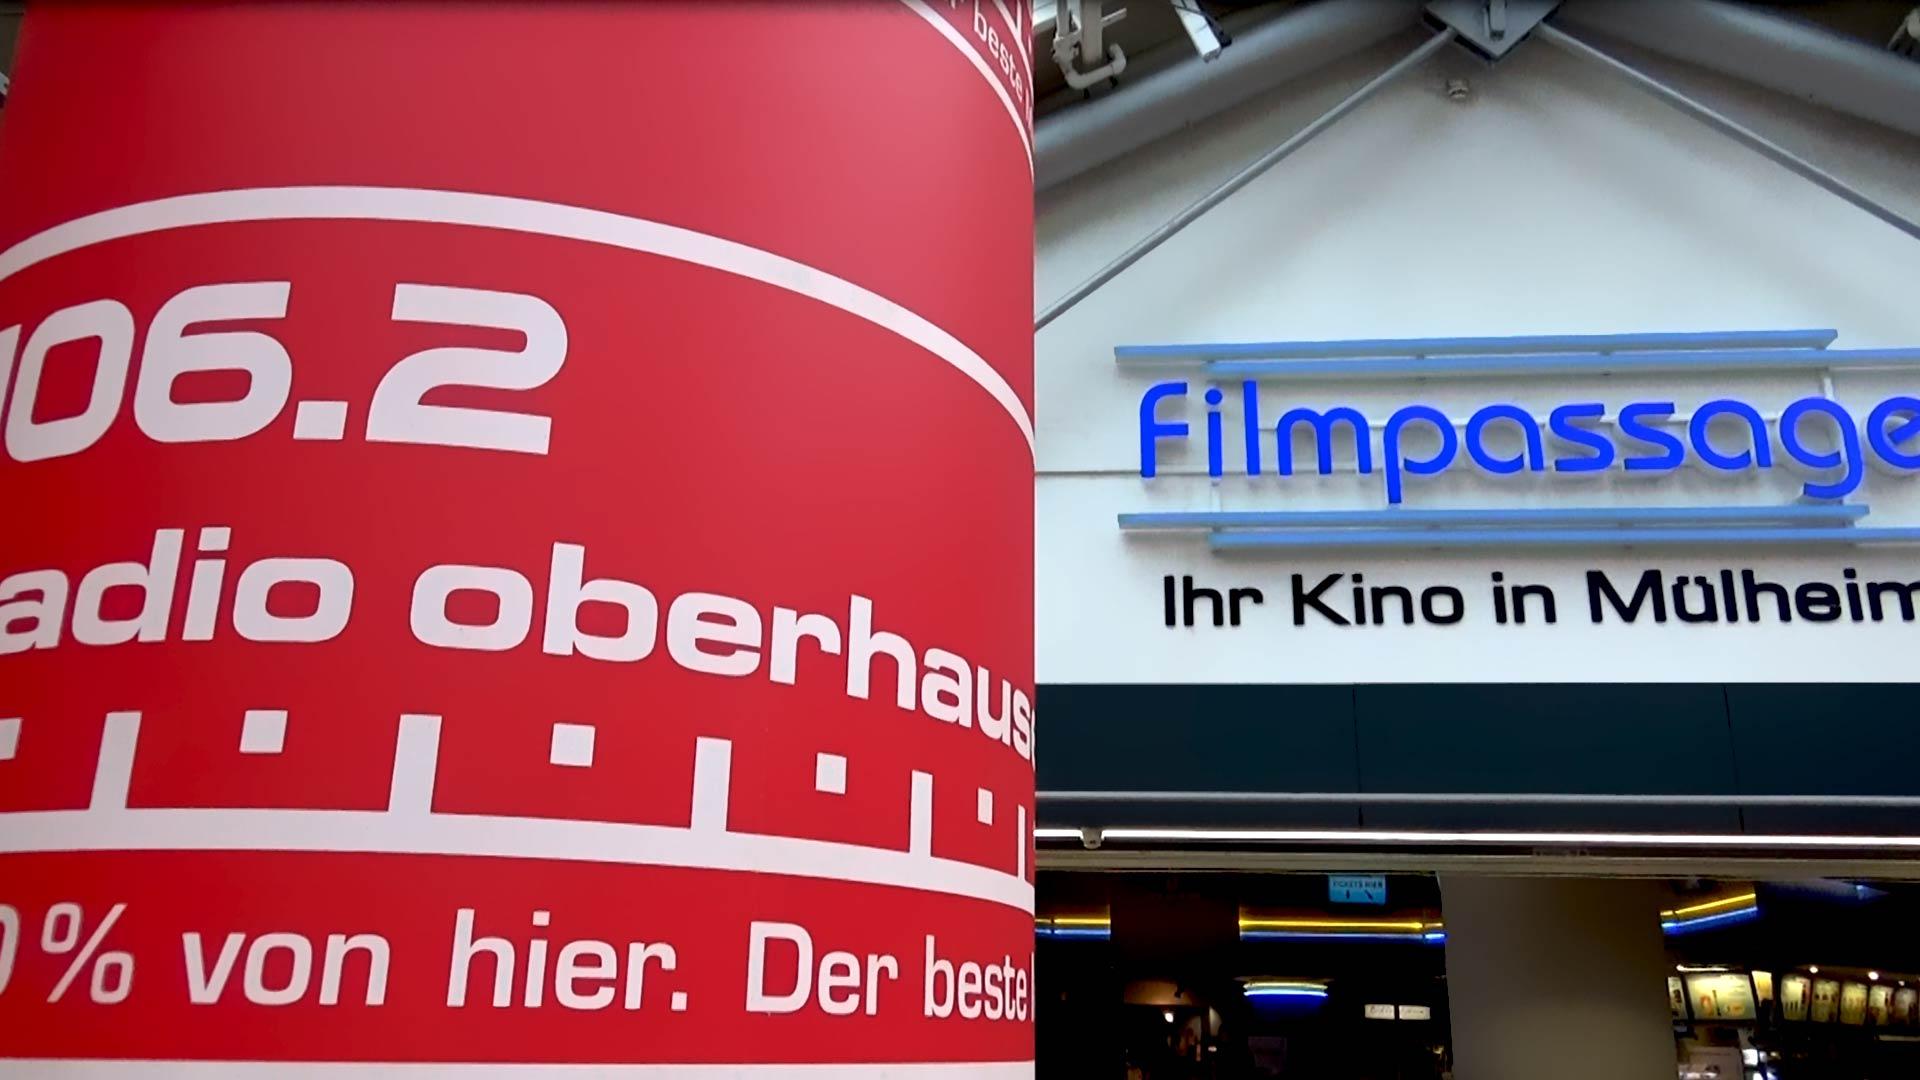 Foto der Filmpassage in Mülheim und im Vordergrund eine Leuchtsäule von Radio Oberhausen.